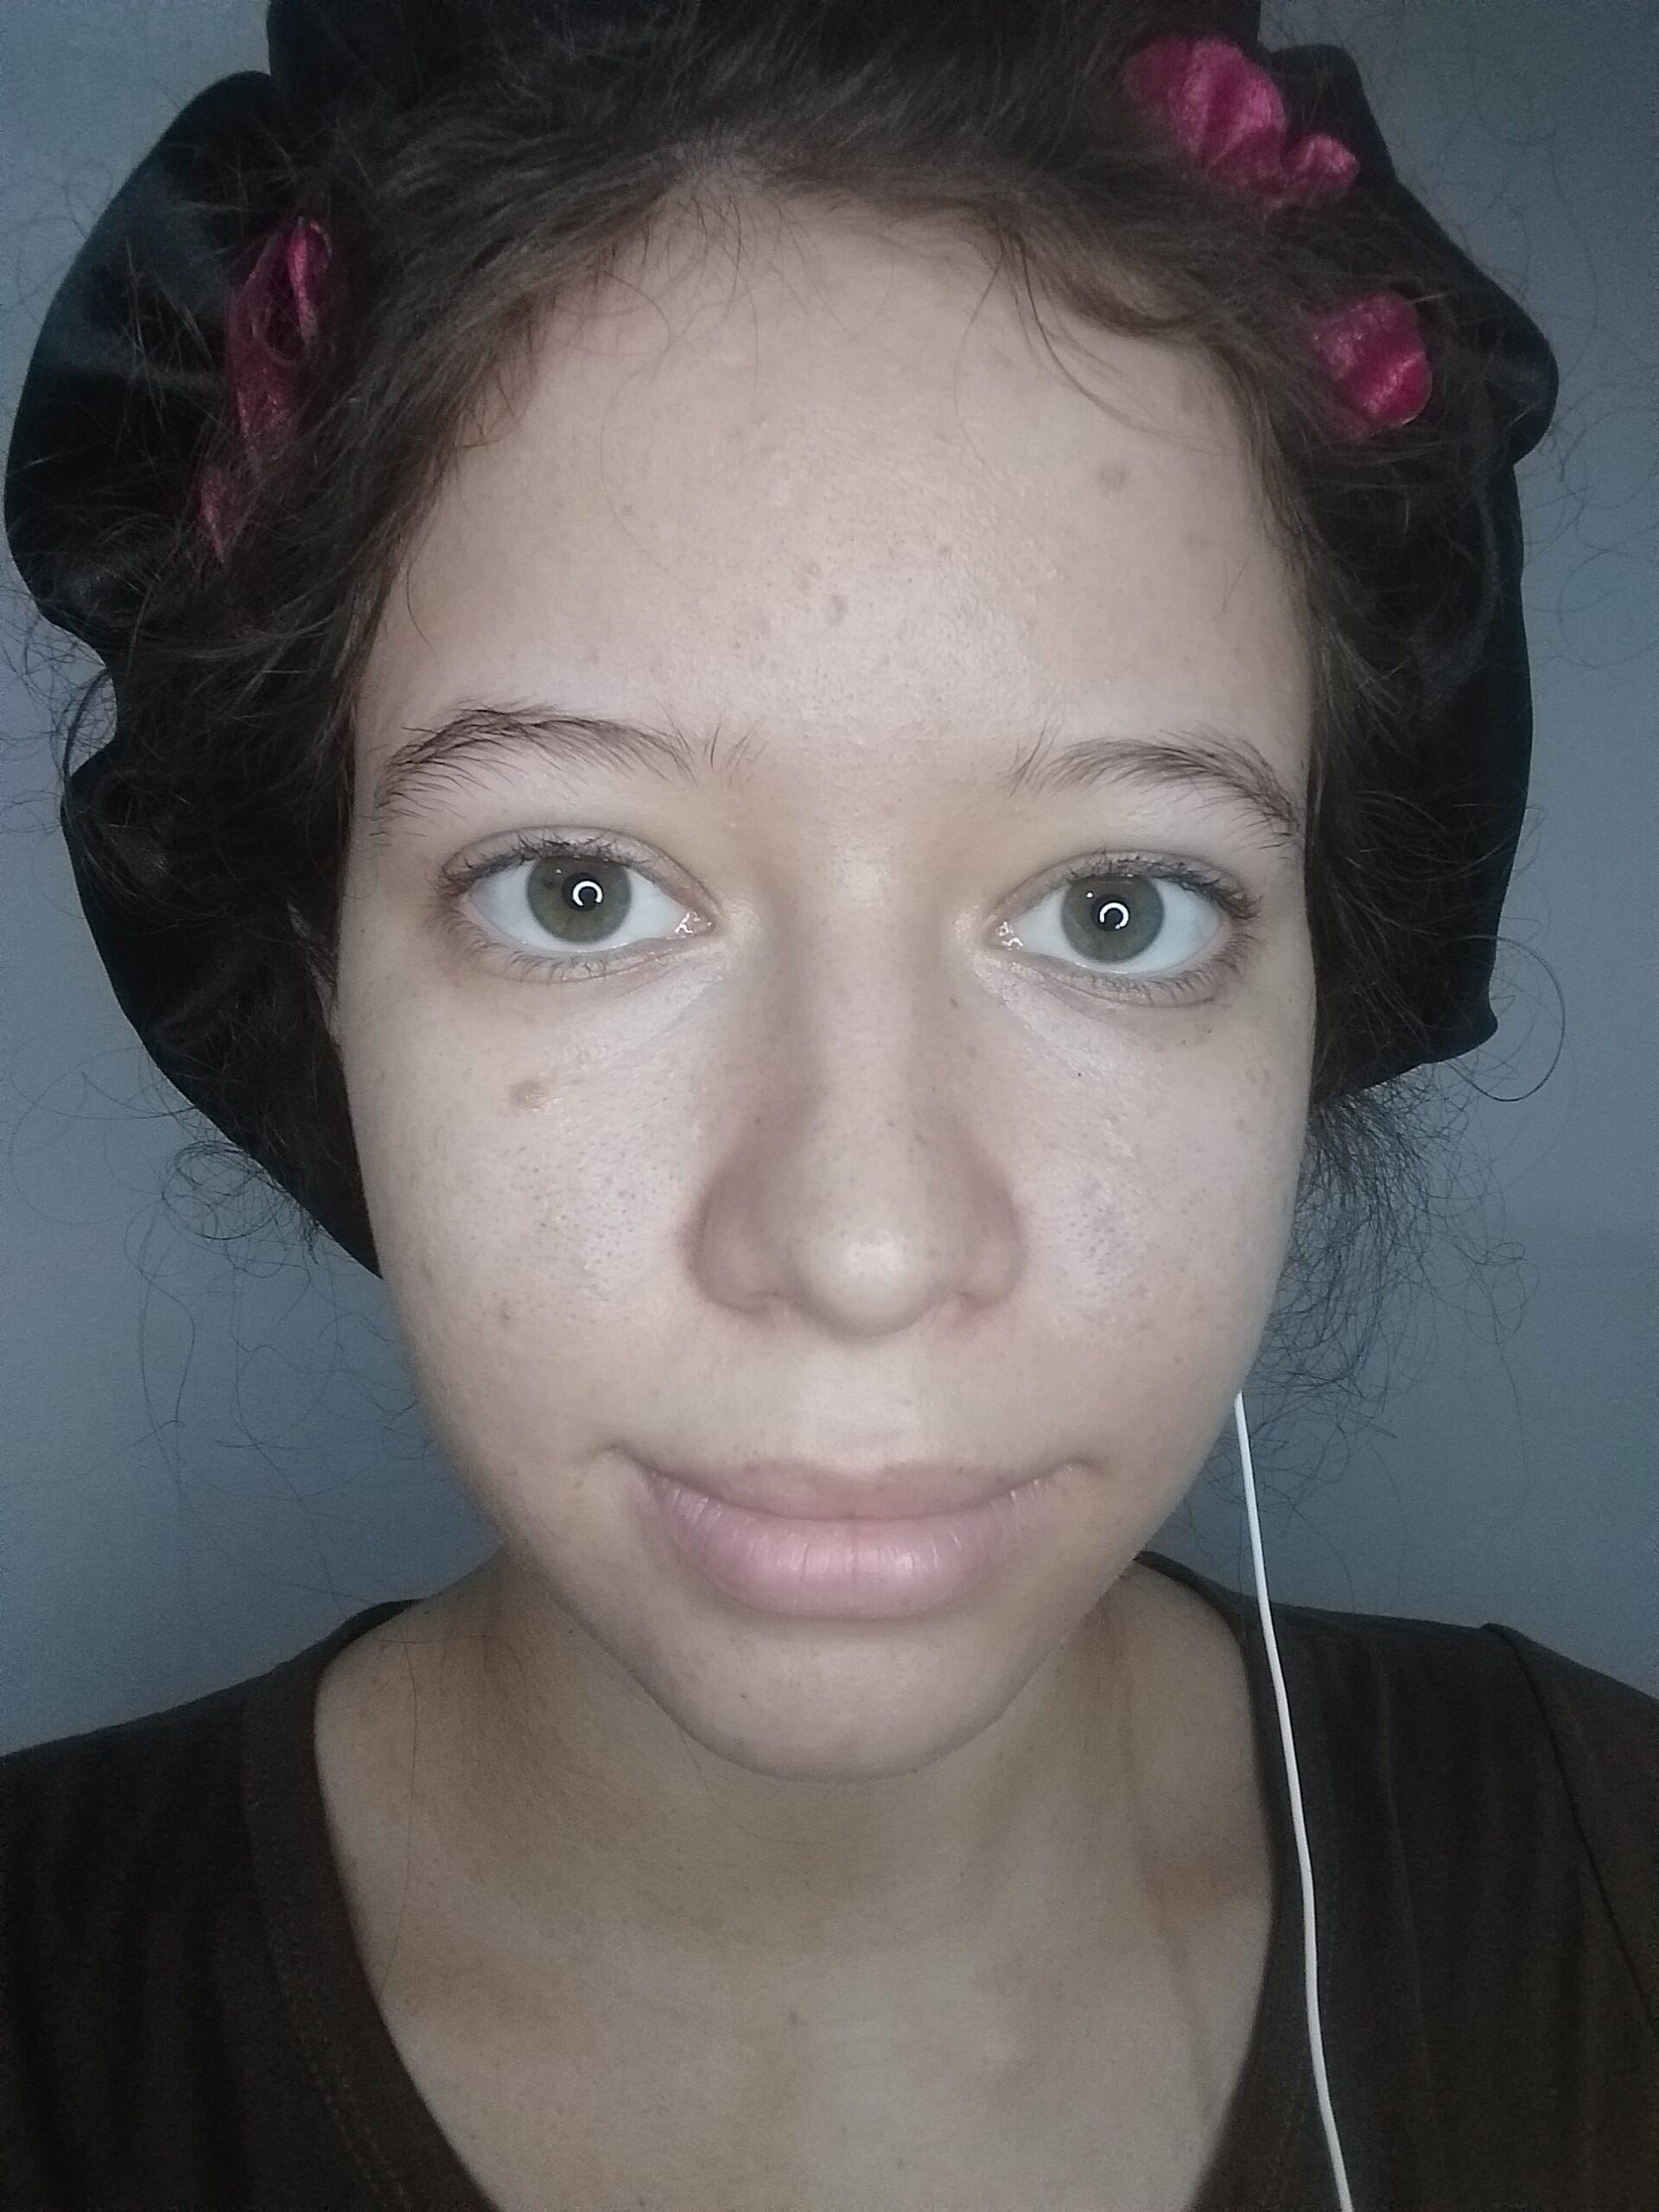 Parei de usar Minoxidil 5% nas sobrancelhas e agora? Os pelos cairam de novo?